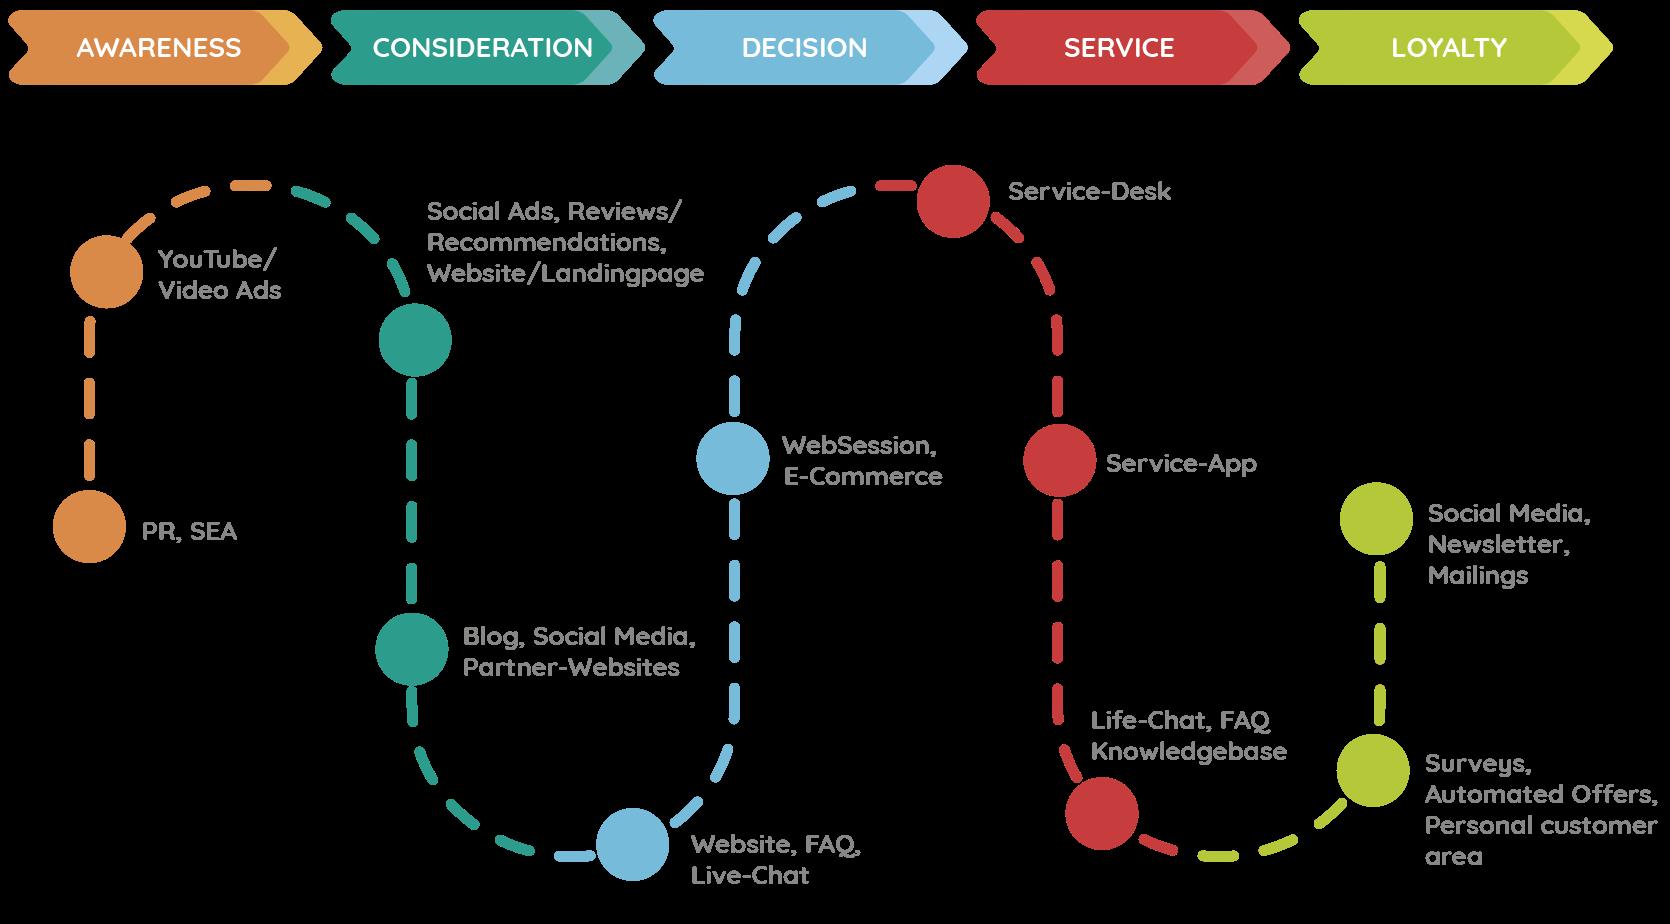 Die Touchpoints in der Customer Journey